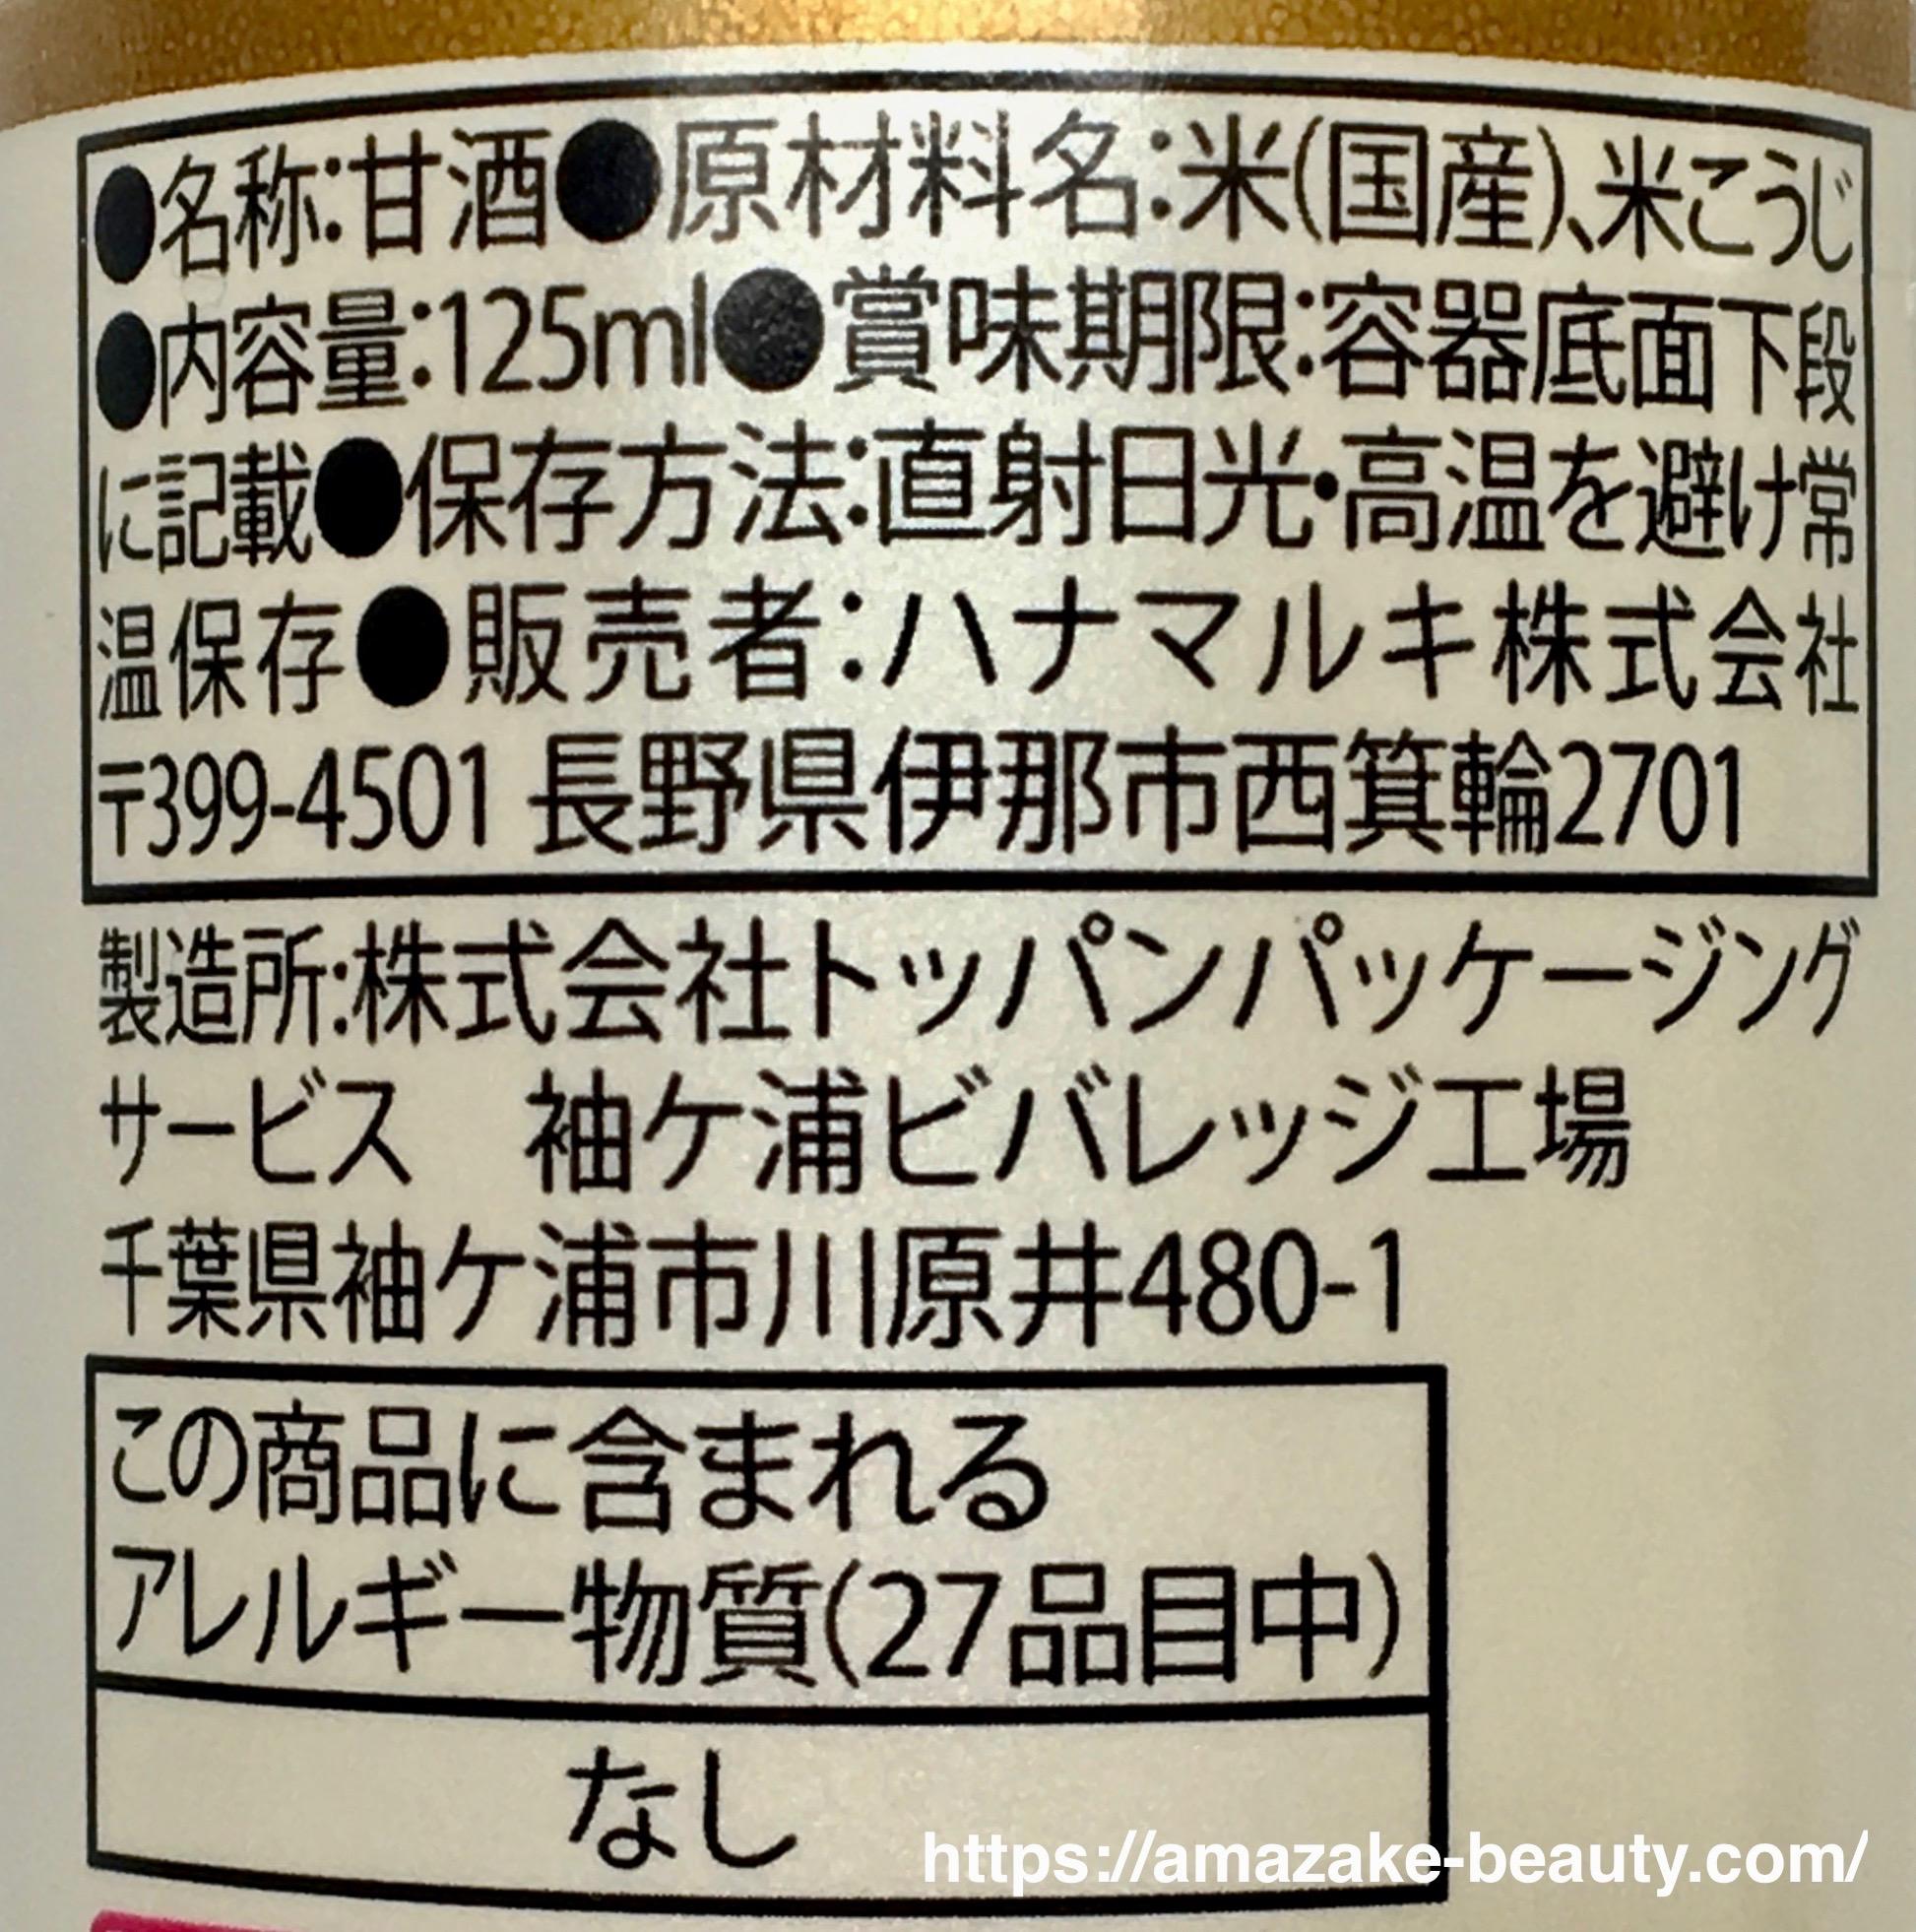 【甘酒】ハナマルキ『透きとおった甘酒』(商品情報)